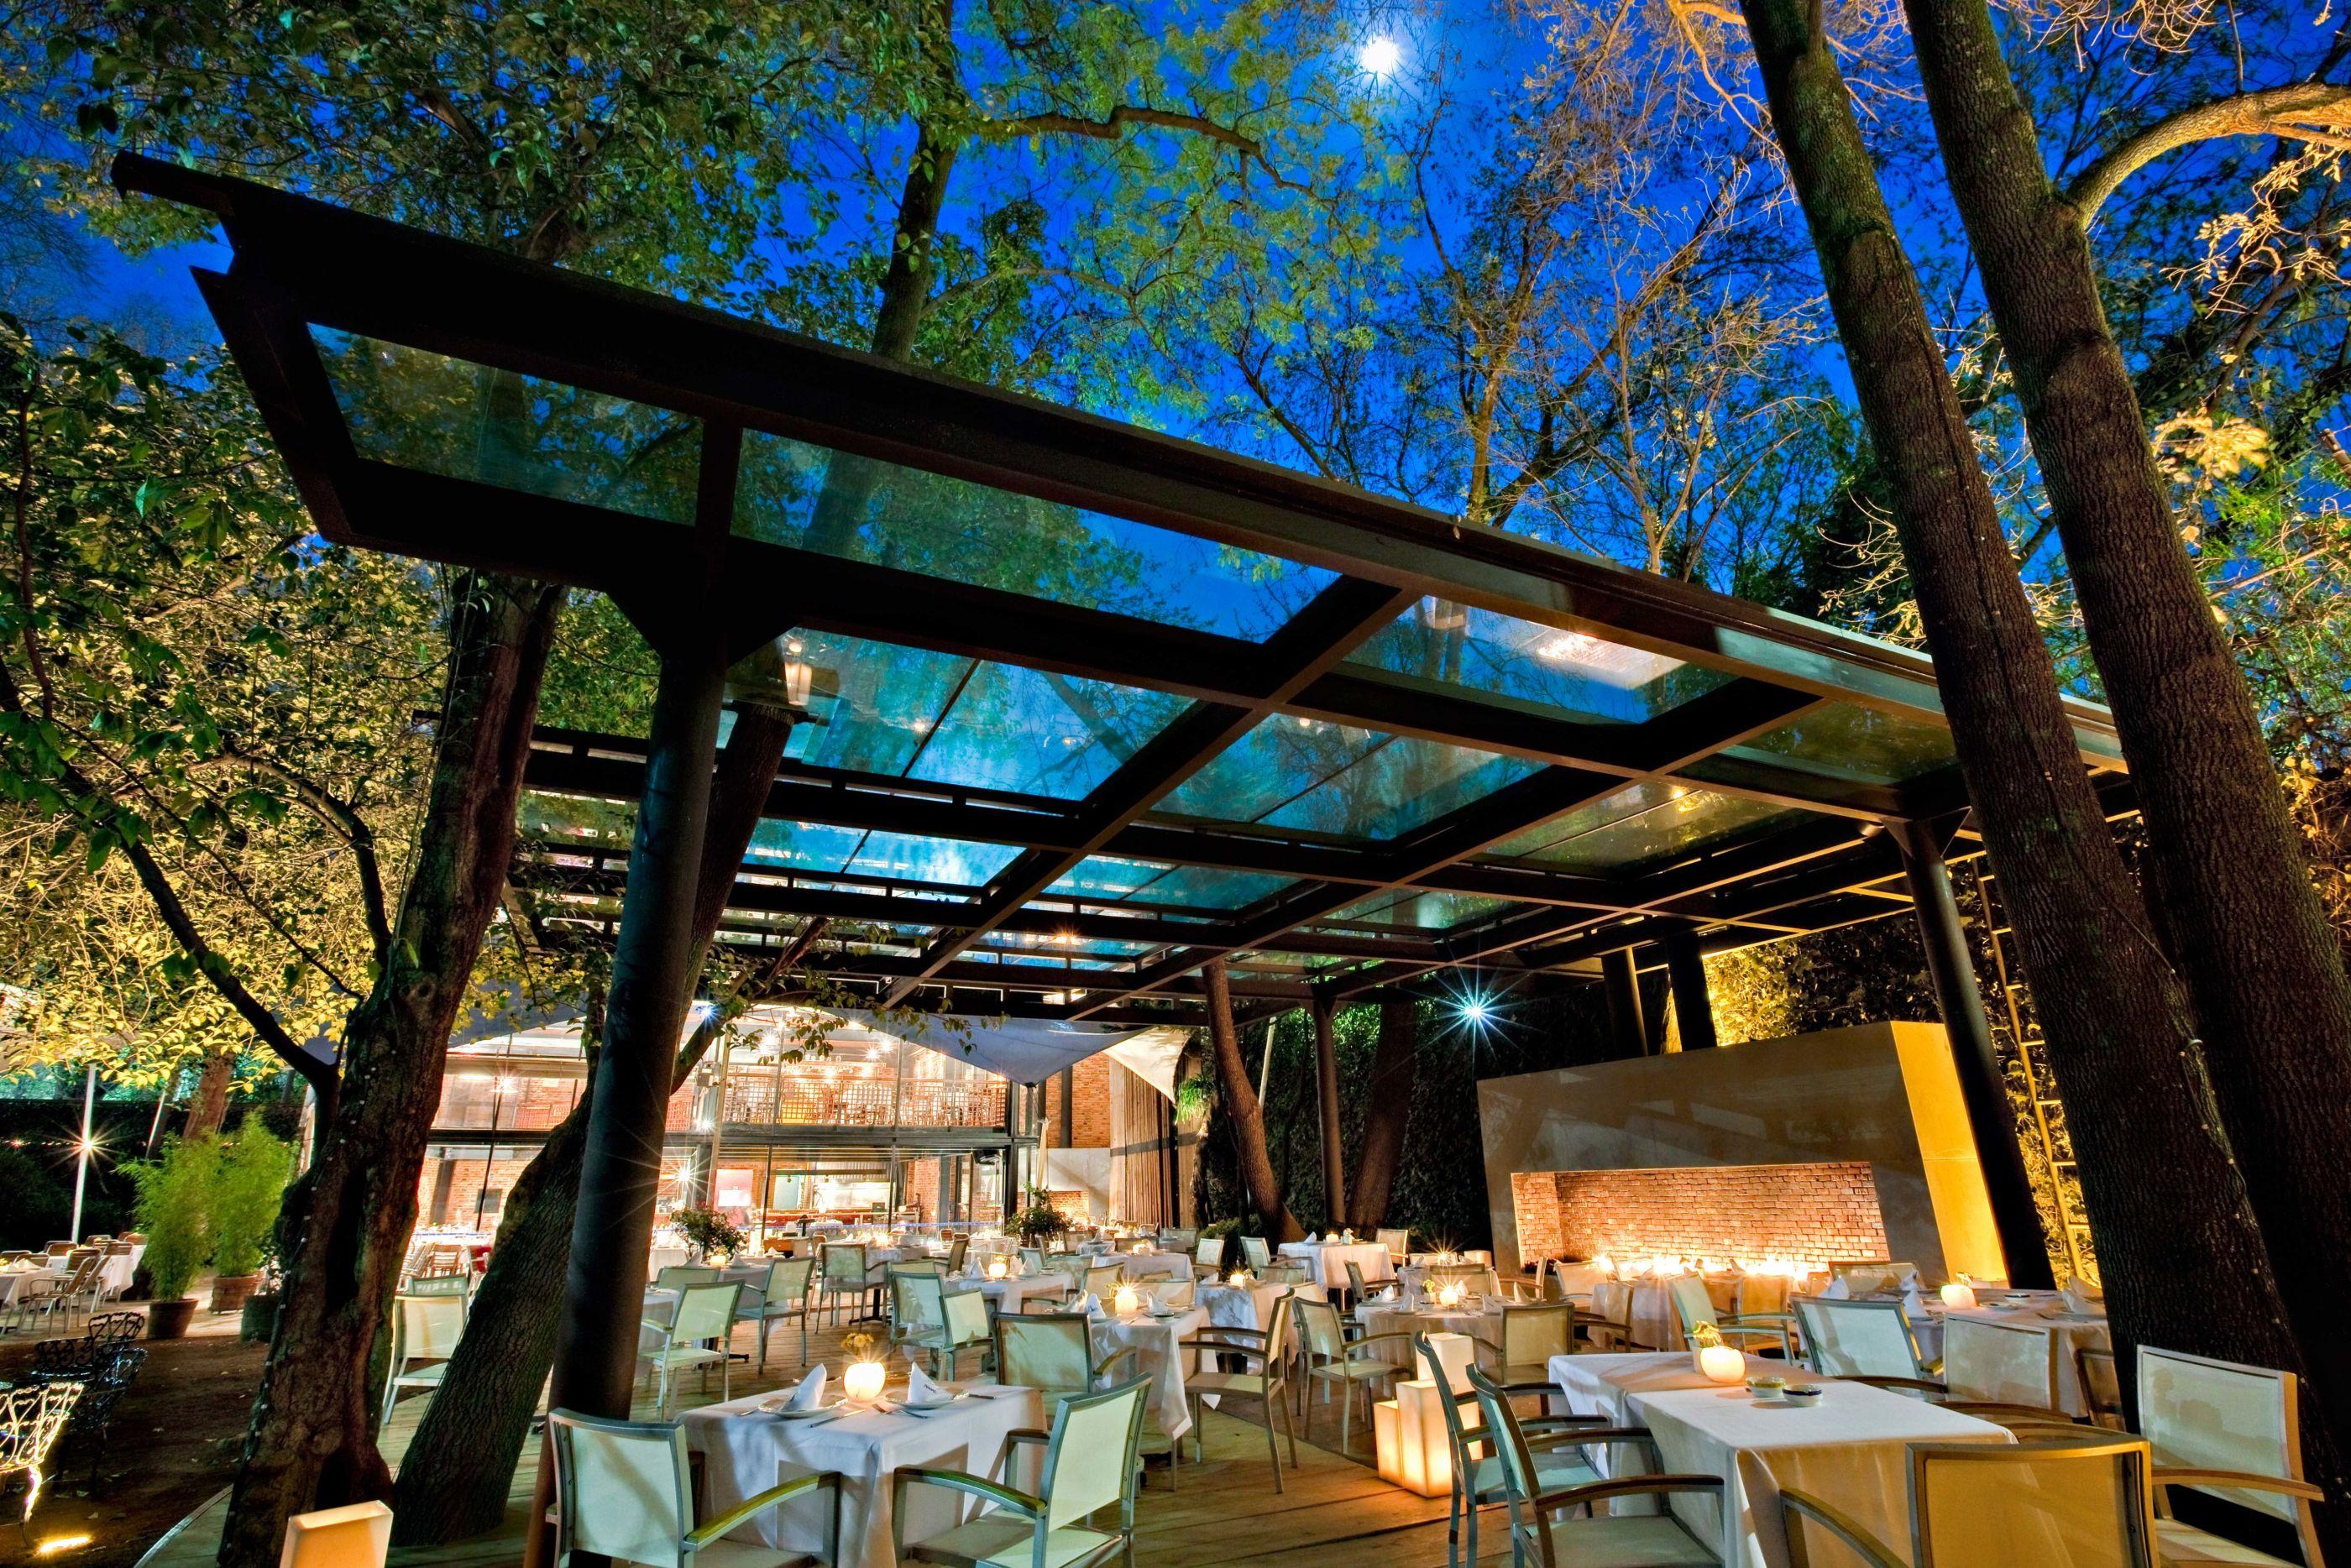 Piantao: Cocina argentina en el restaurante al aire libre que todos quieren visitar en la CDMX